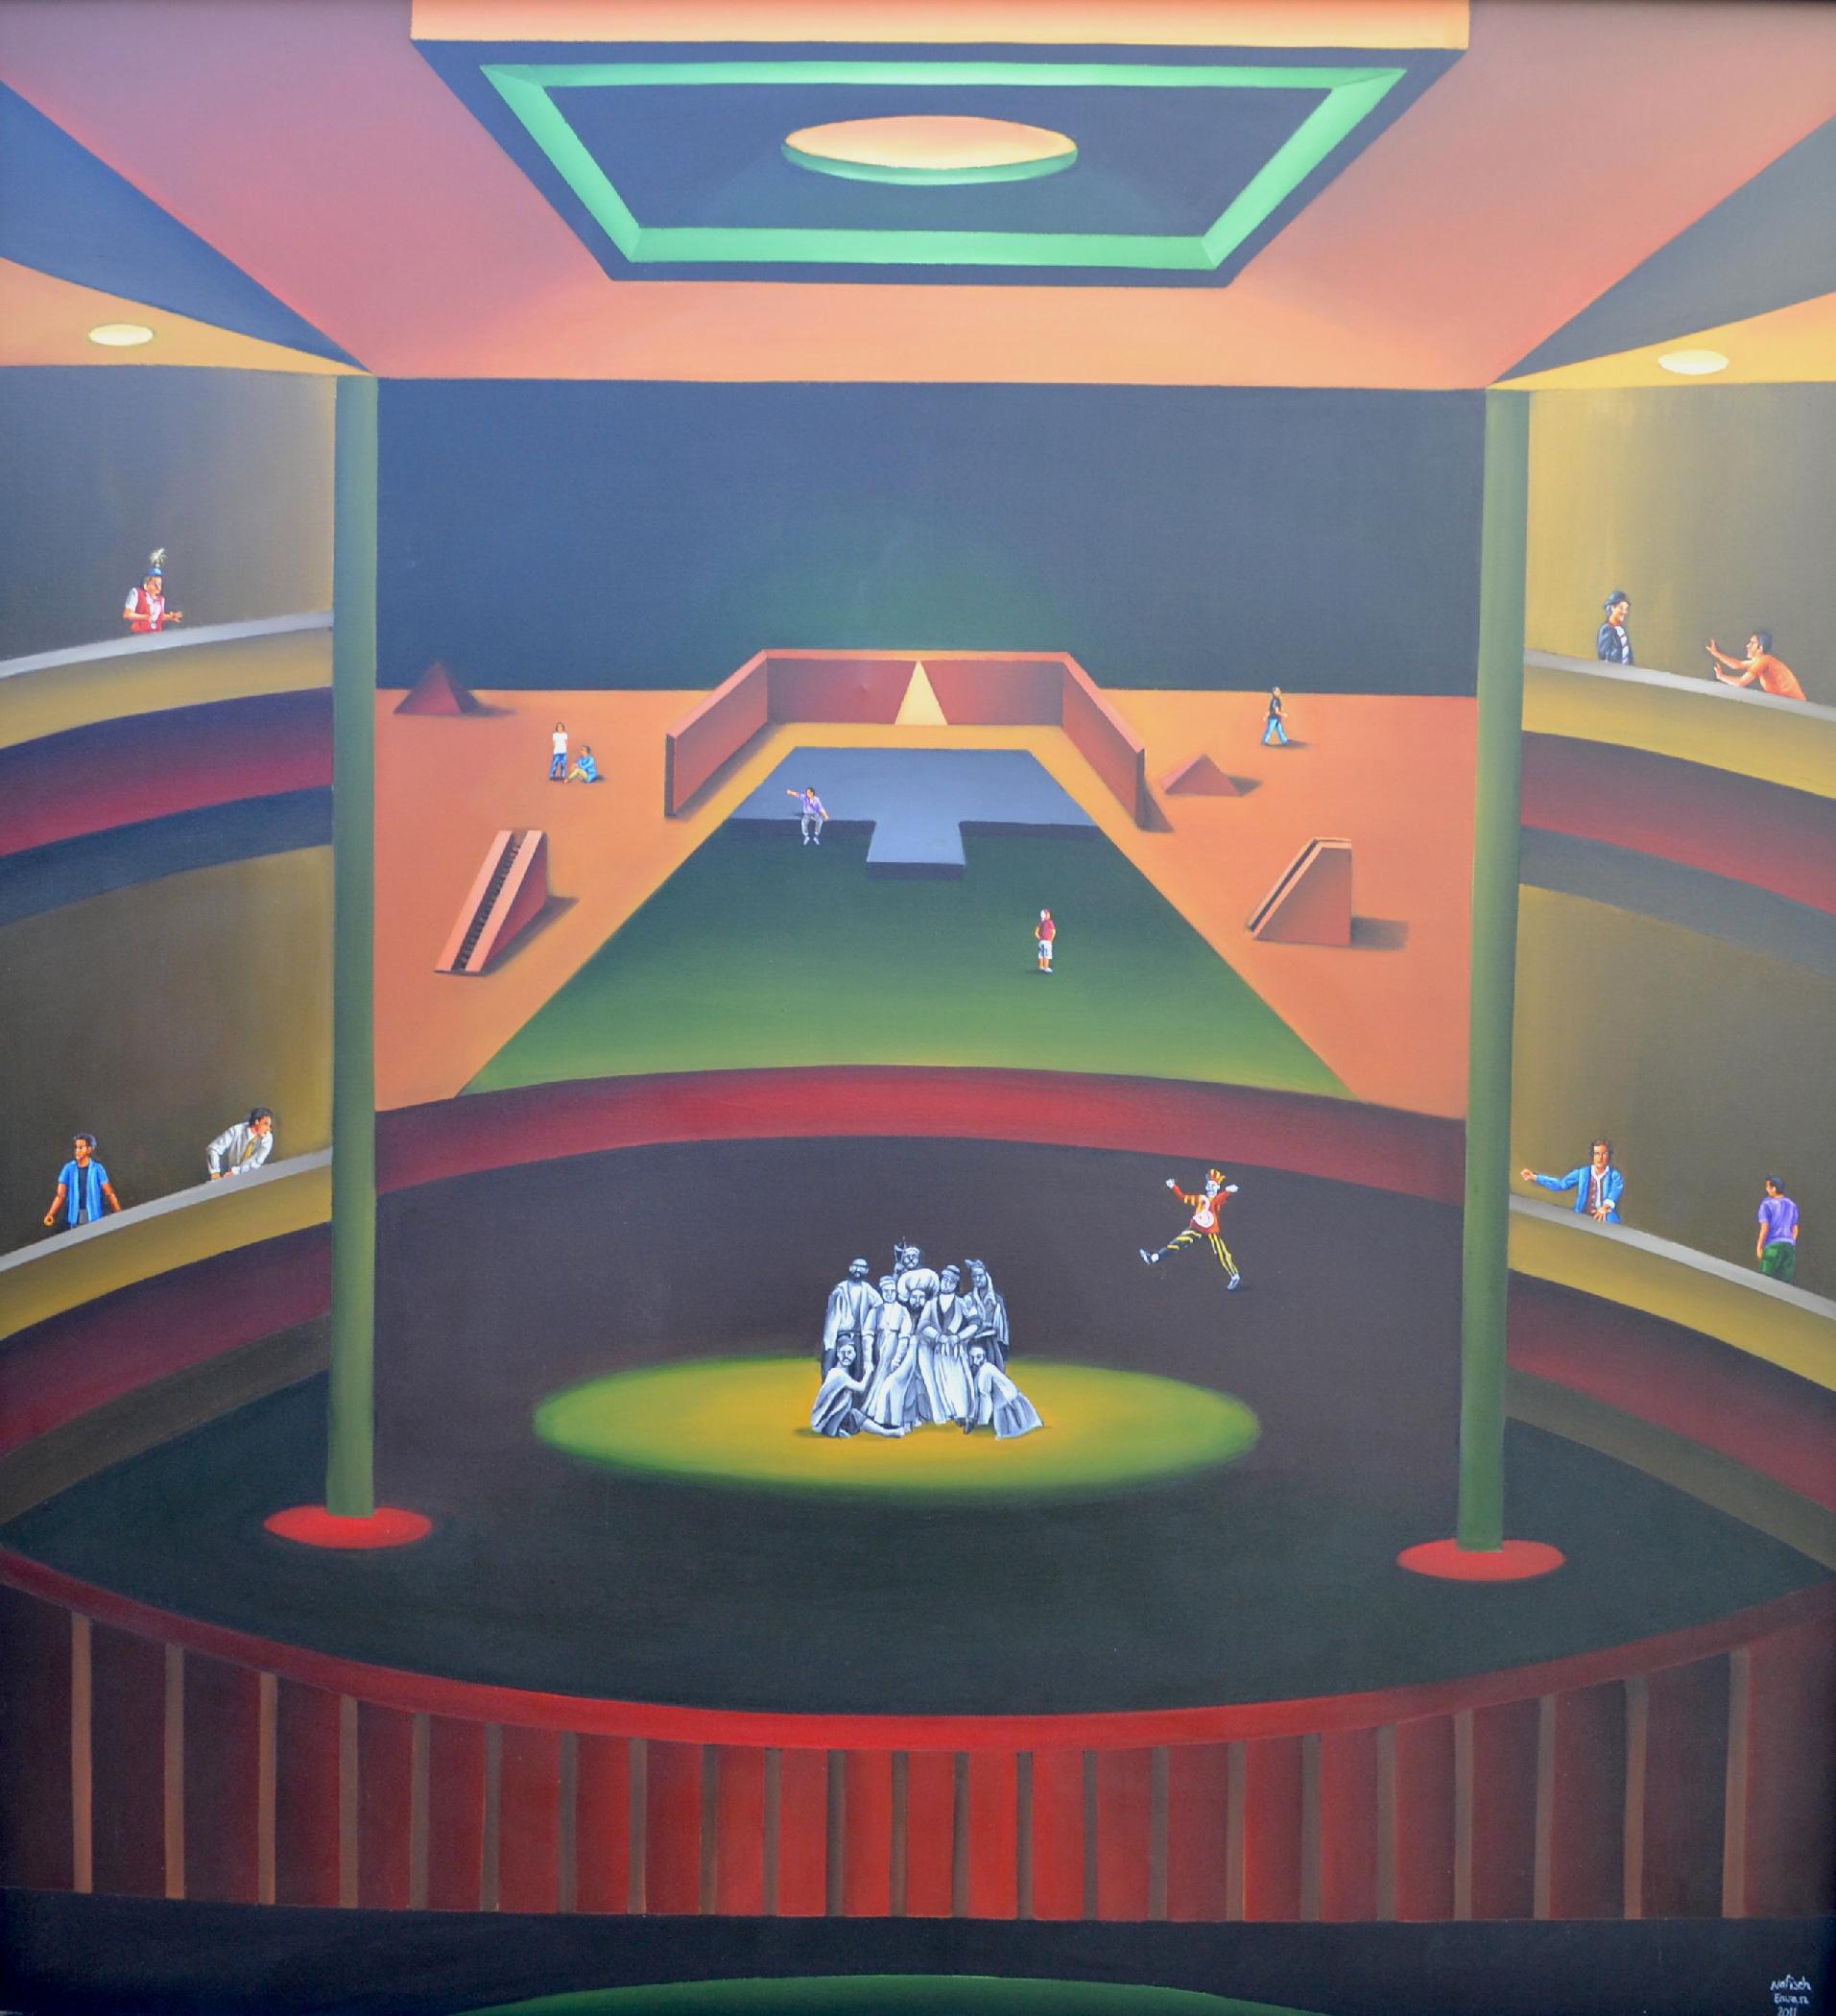 Nafiseh Emran, GG BG, acrylic on canvas, 65 x 59 inches, 2011